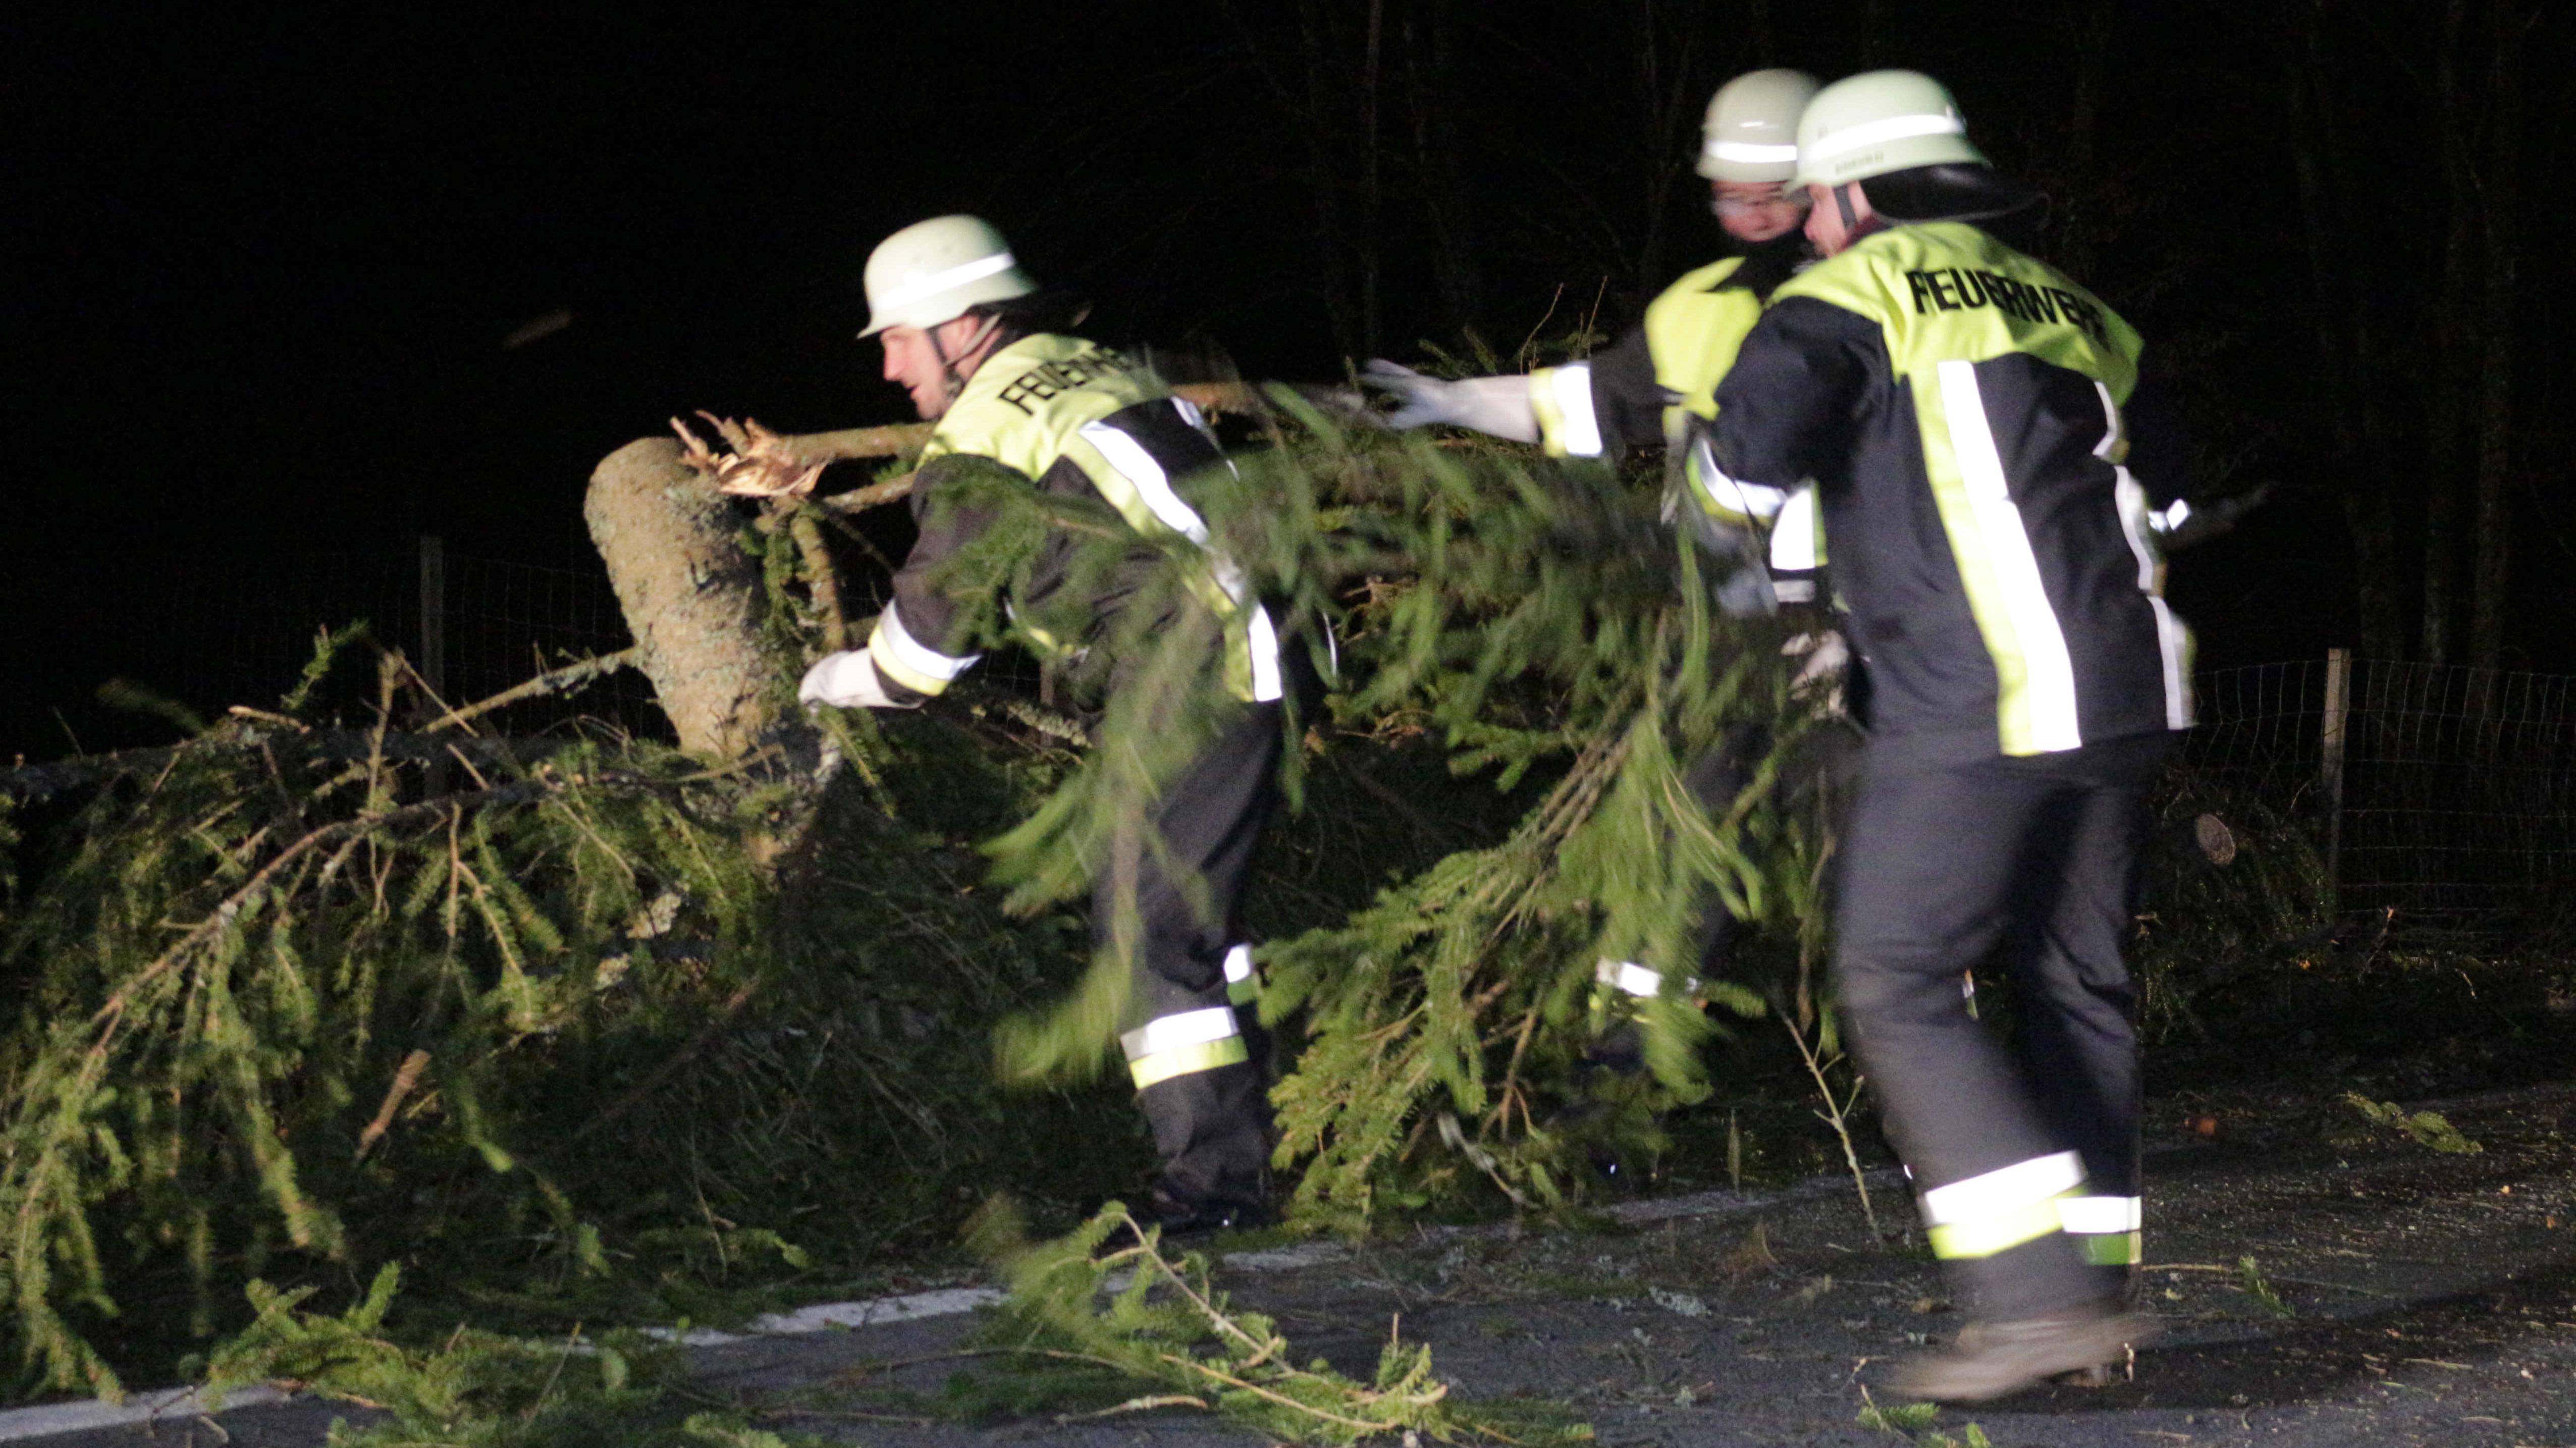 Drei Feuerwehrmänner räumen in der Dunkelheit eine Straße von einem umgeknickten Baum frei.